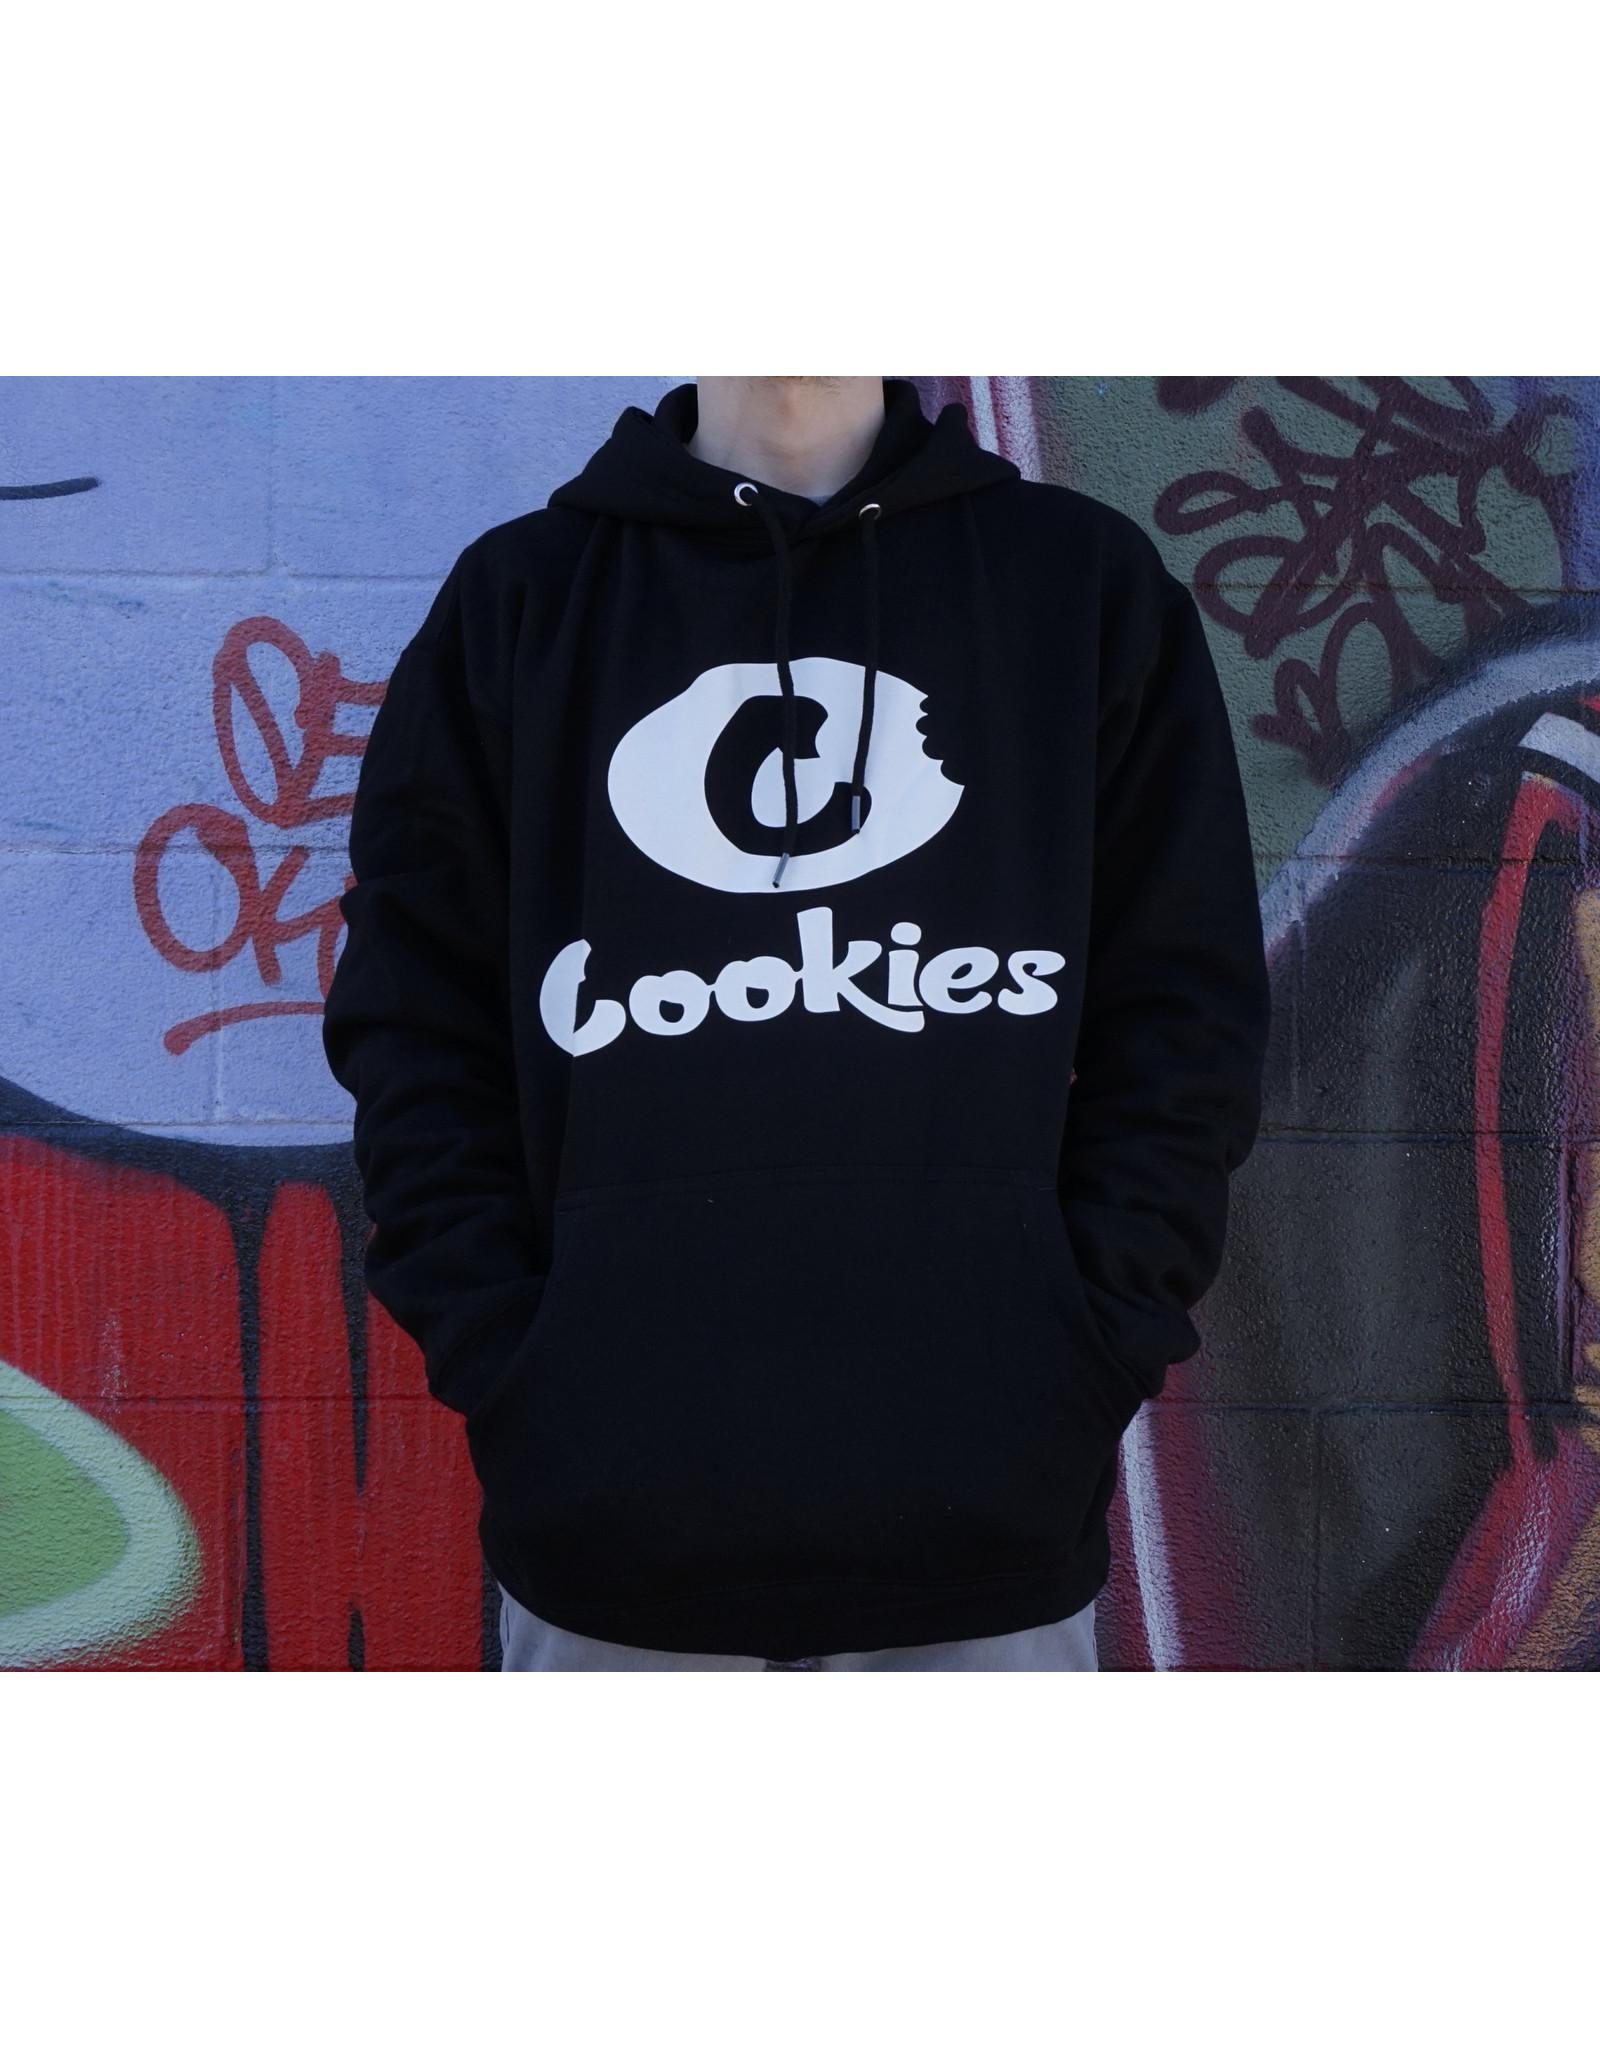 Cookies Hoodie Black -